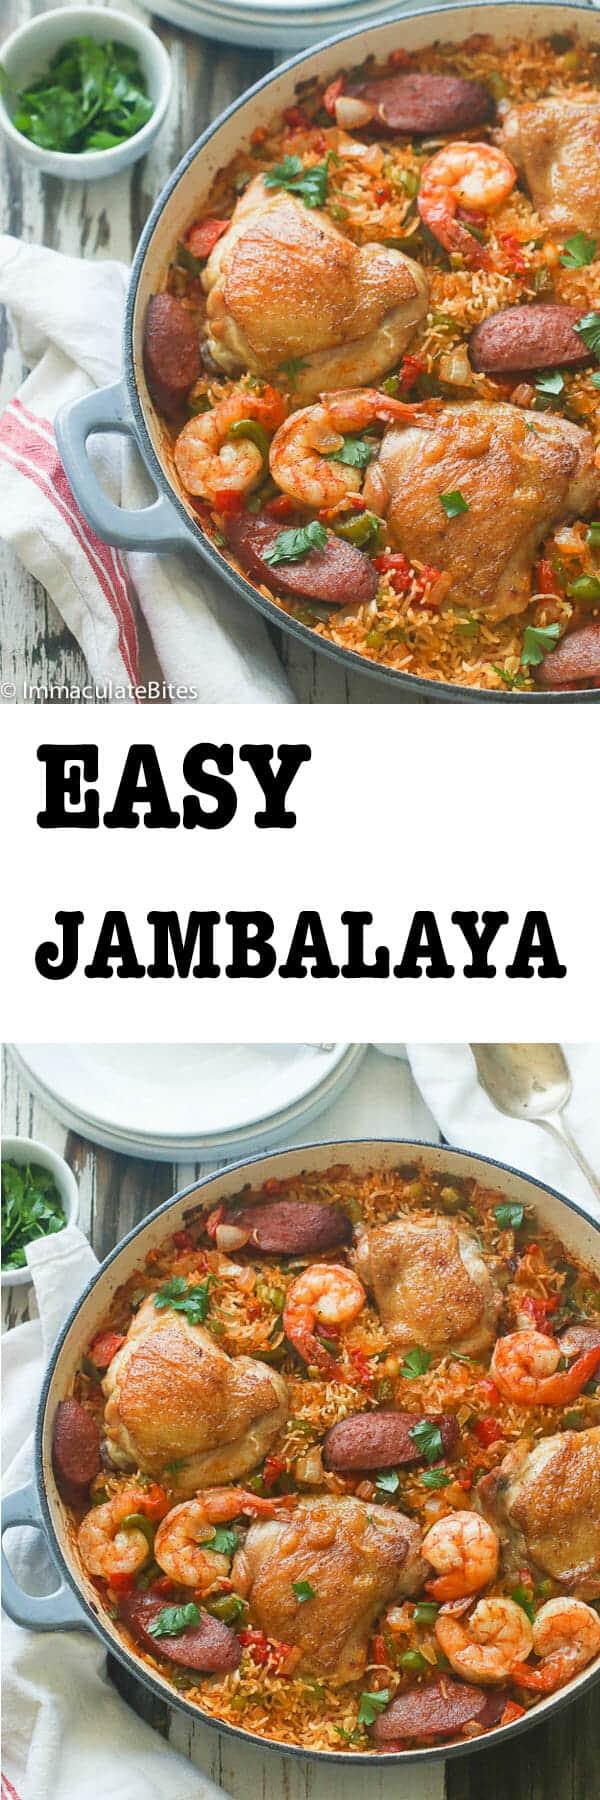 Easy Jambalaya